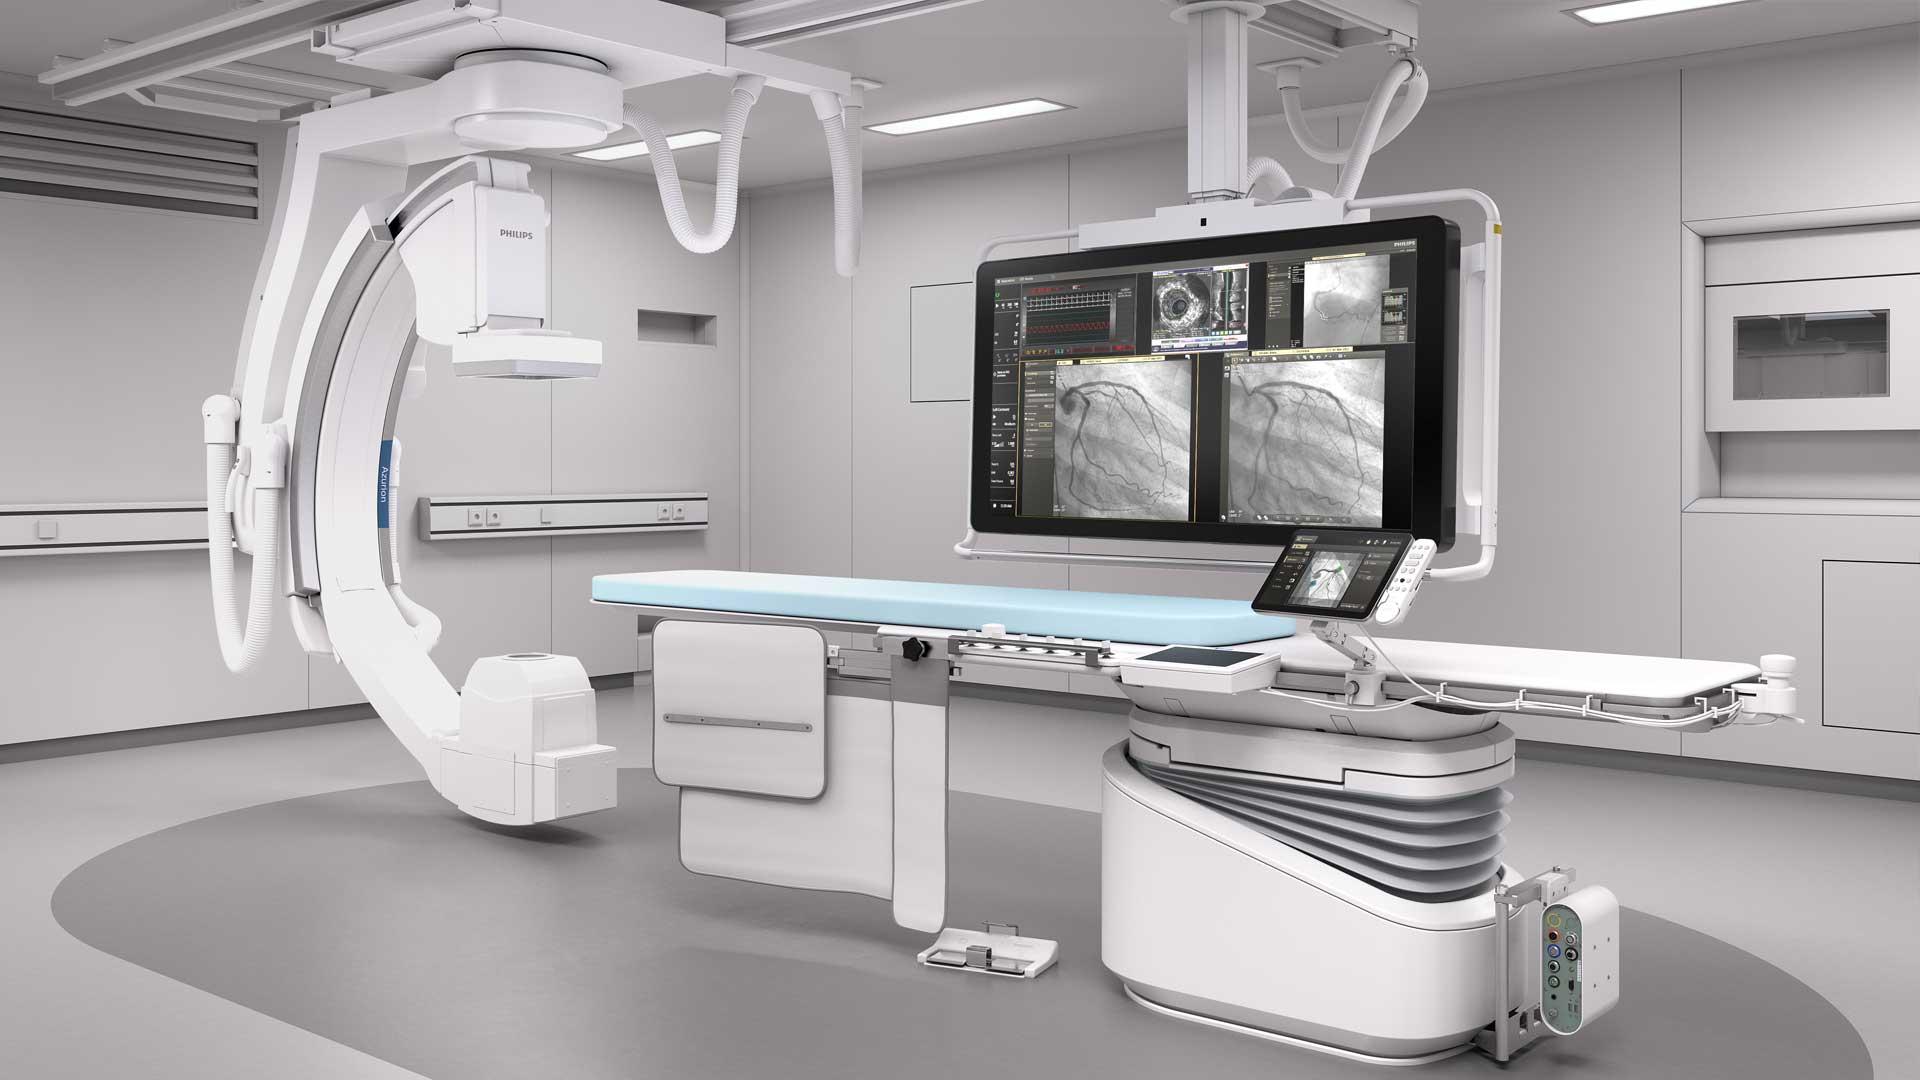 Kardiocentrum Frankfurt Herzkatheterlabor Azurion 7 C12 OR PCI